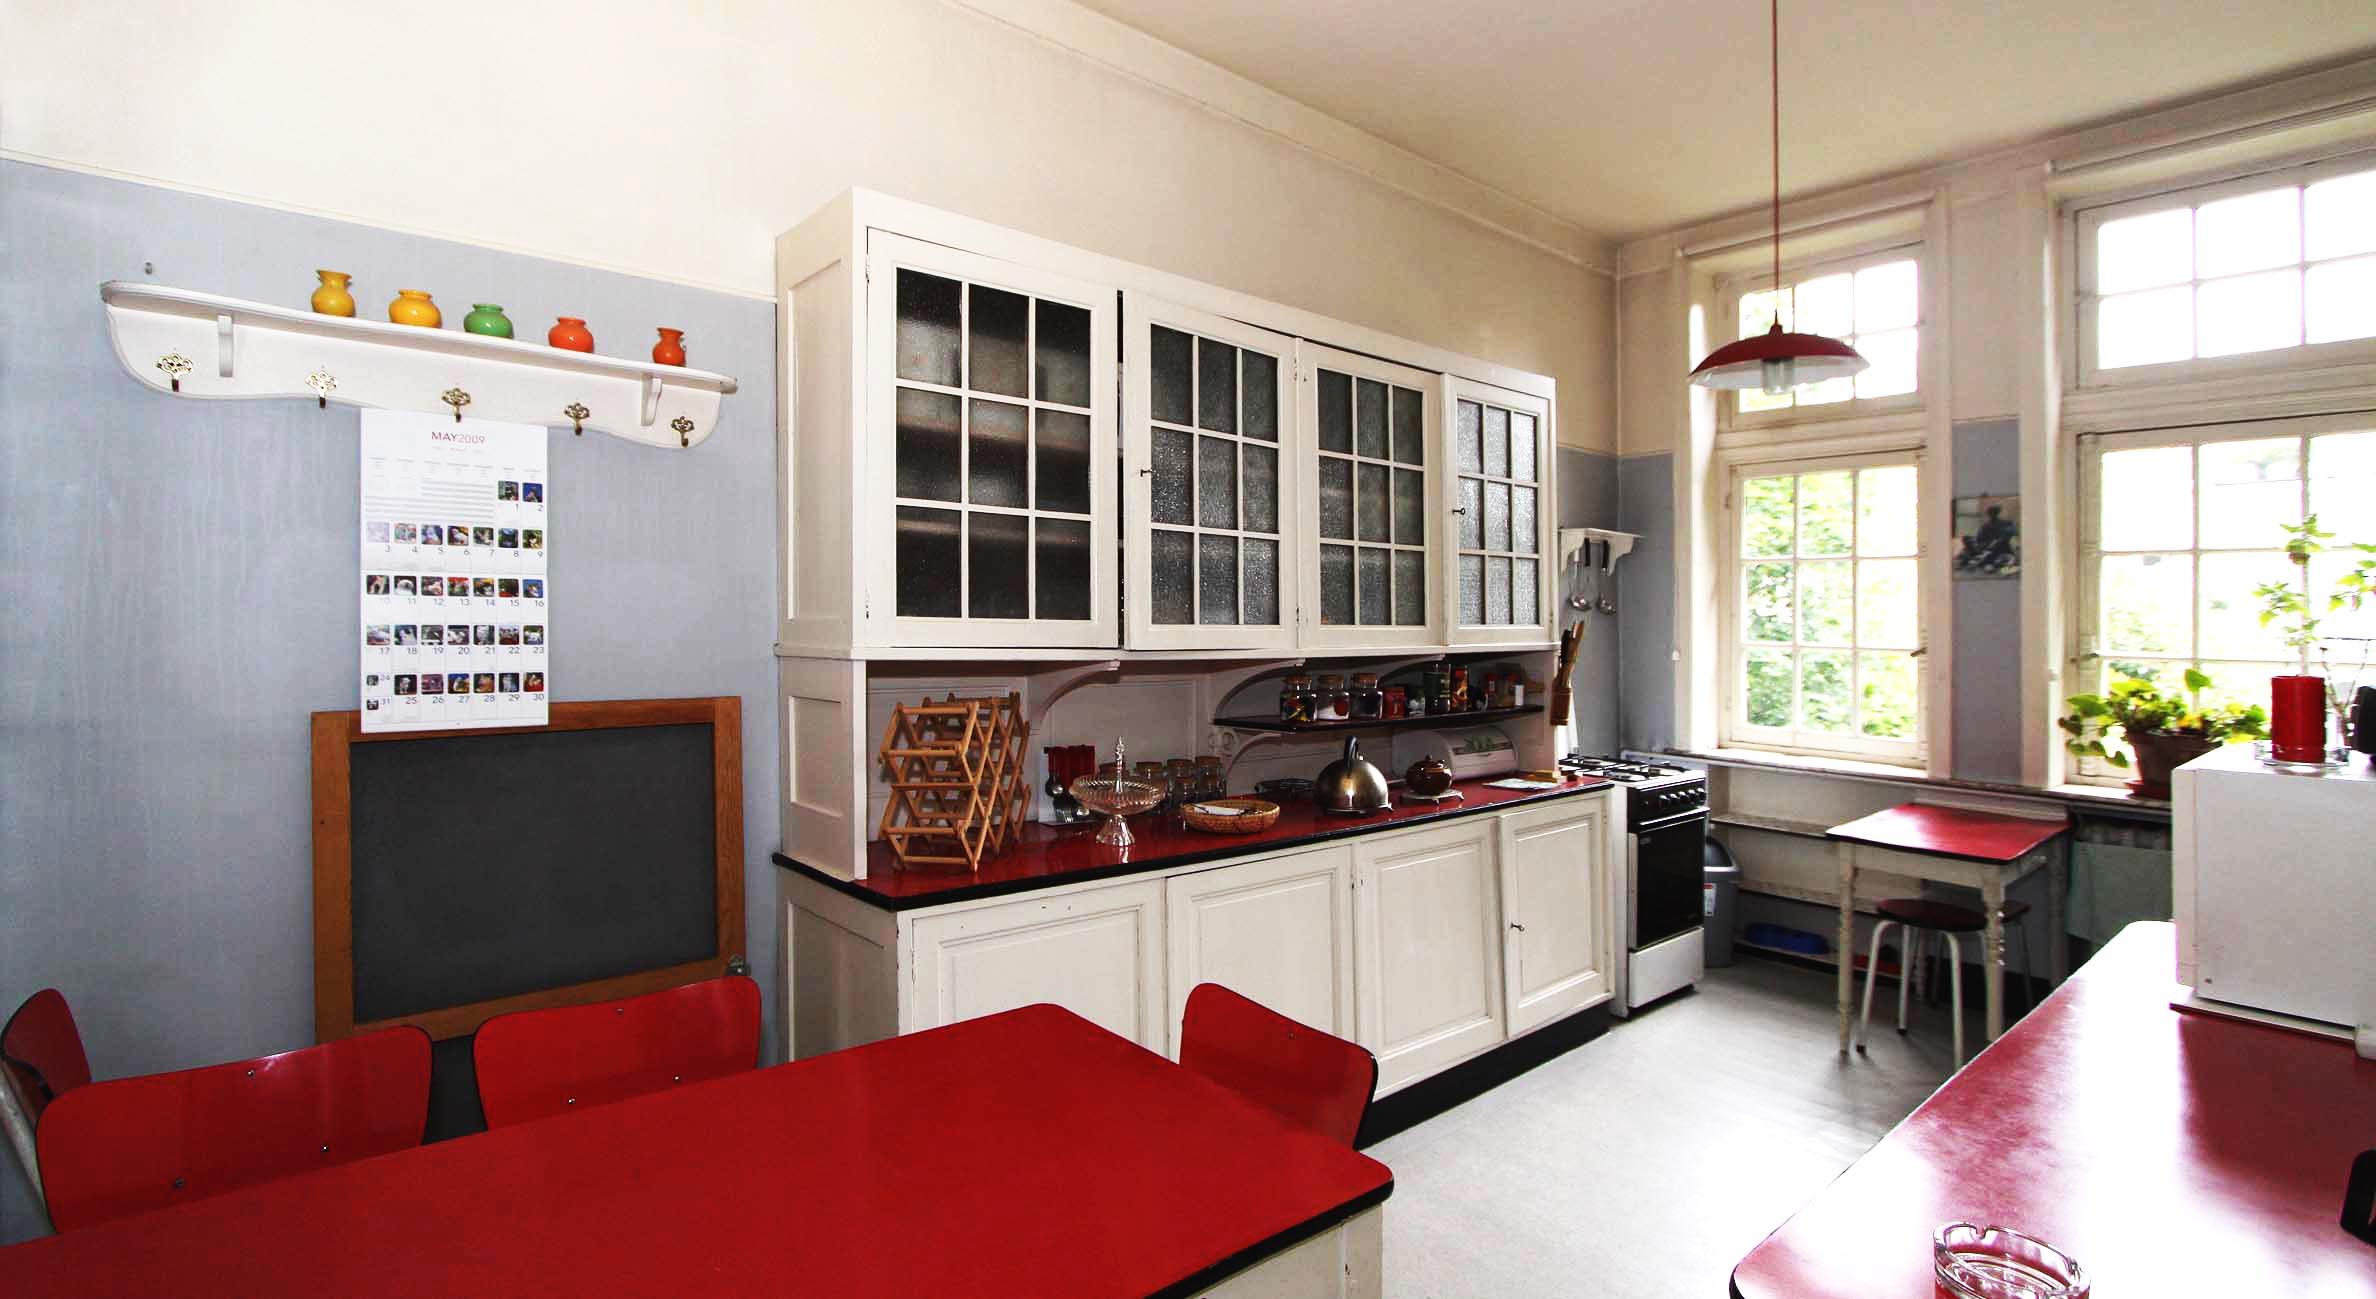 Location appartement Clermont Ferrand, contente d'être tombée sur ce site